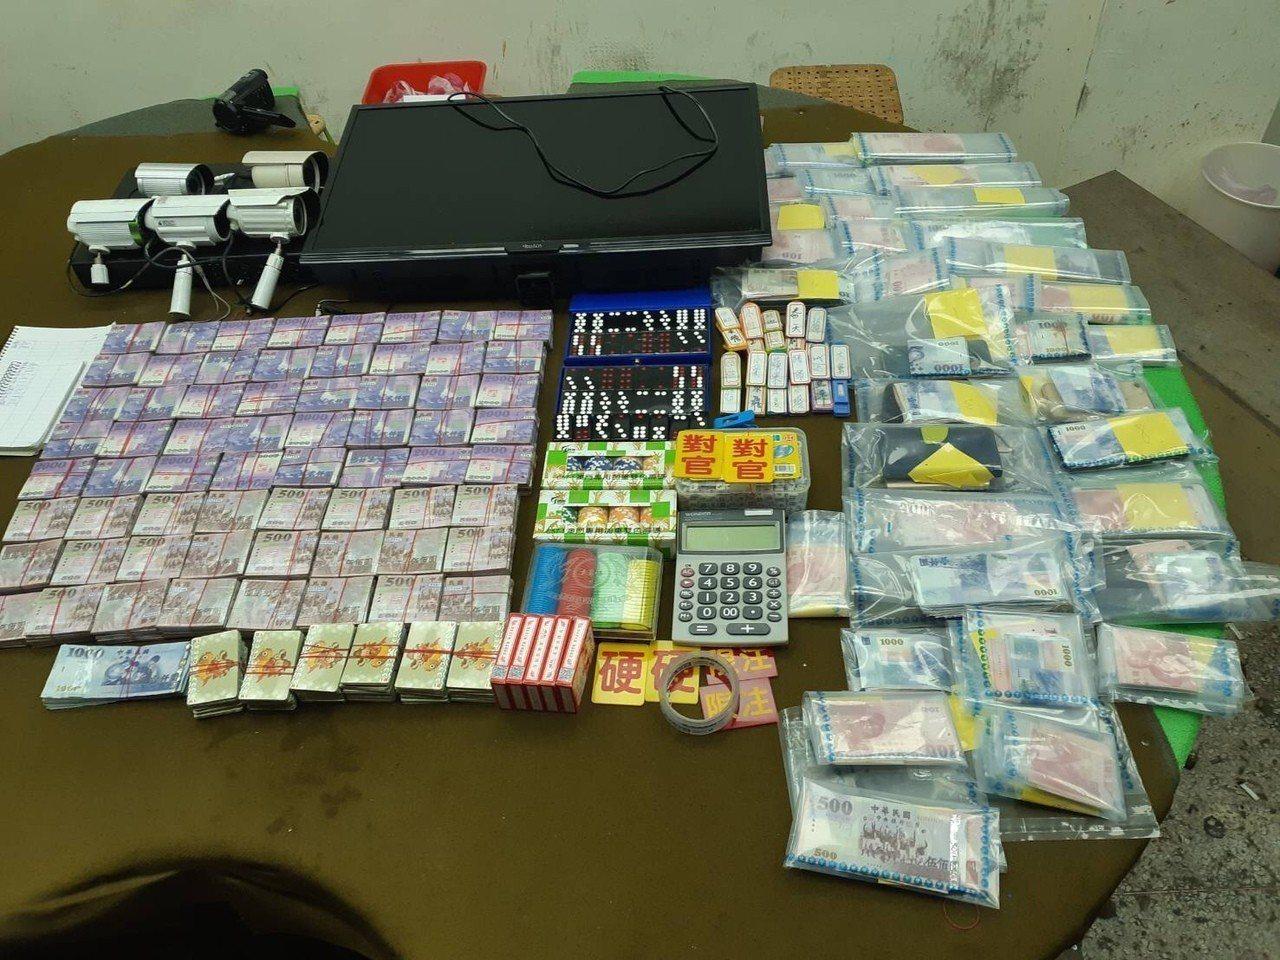 警方查扣抽頭金7萬6000元、現金賭資21萬1599元、籌碼賭資162萬4200...